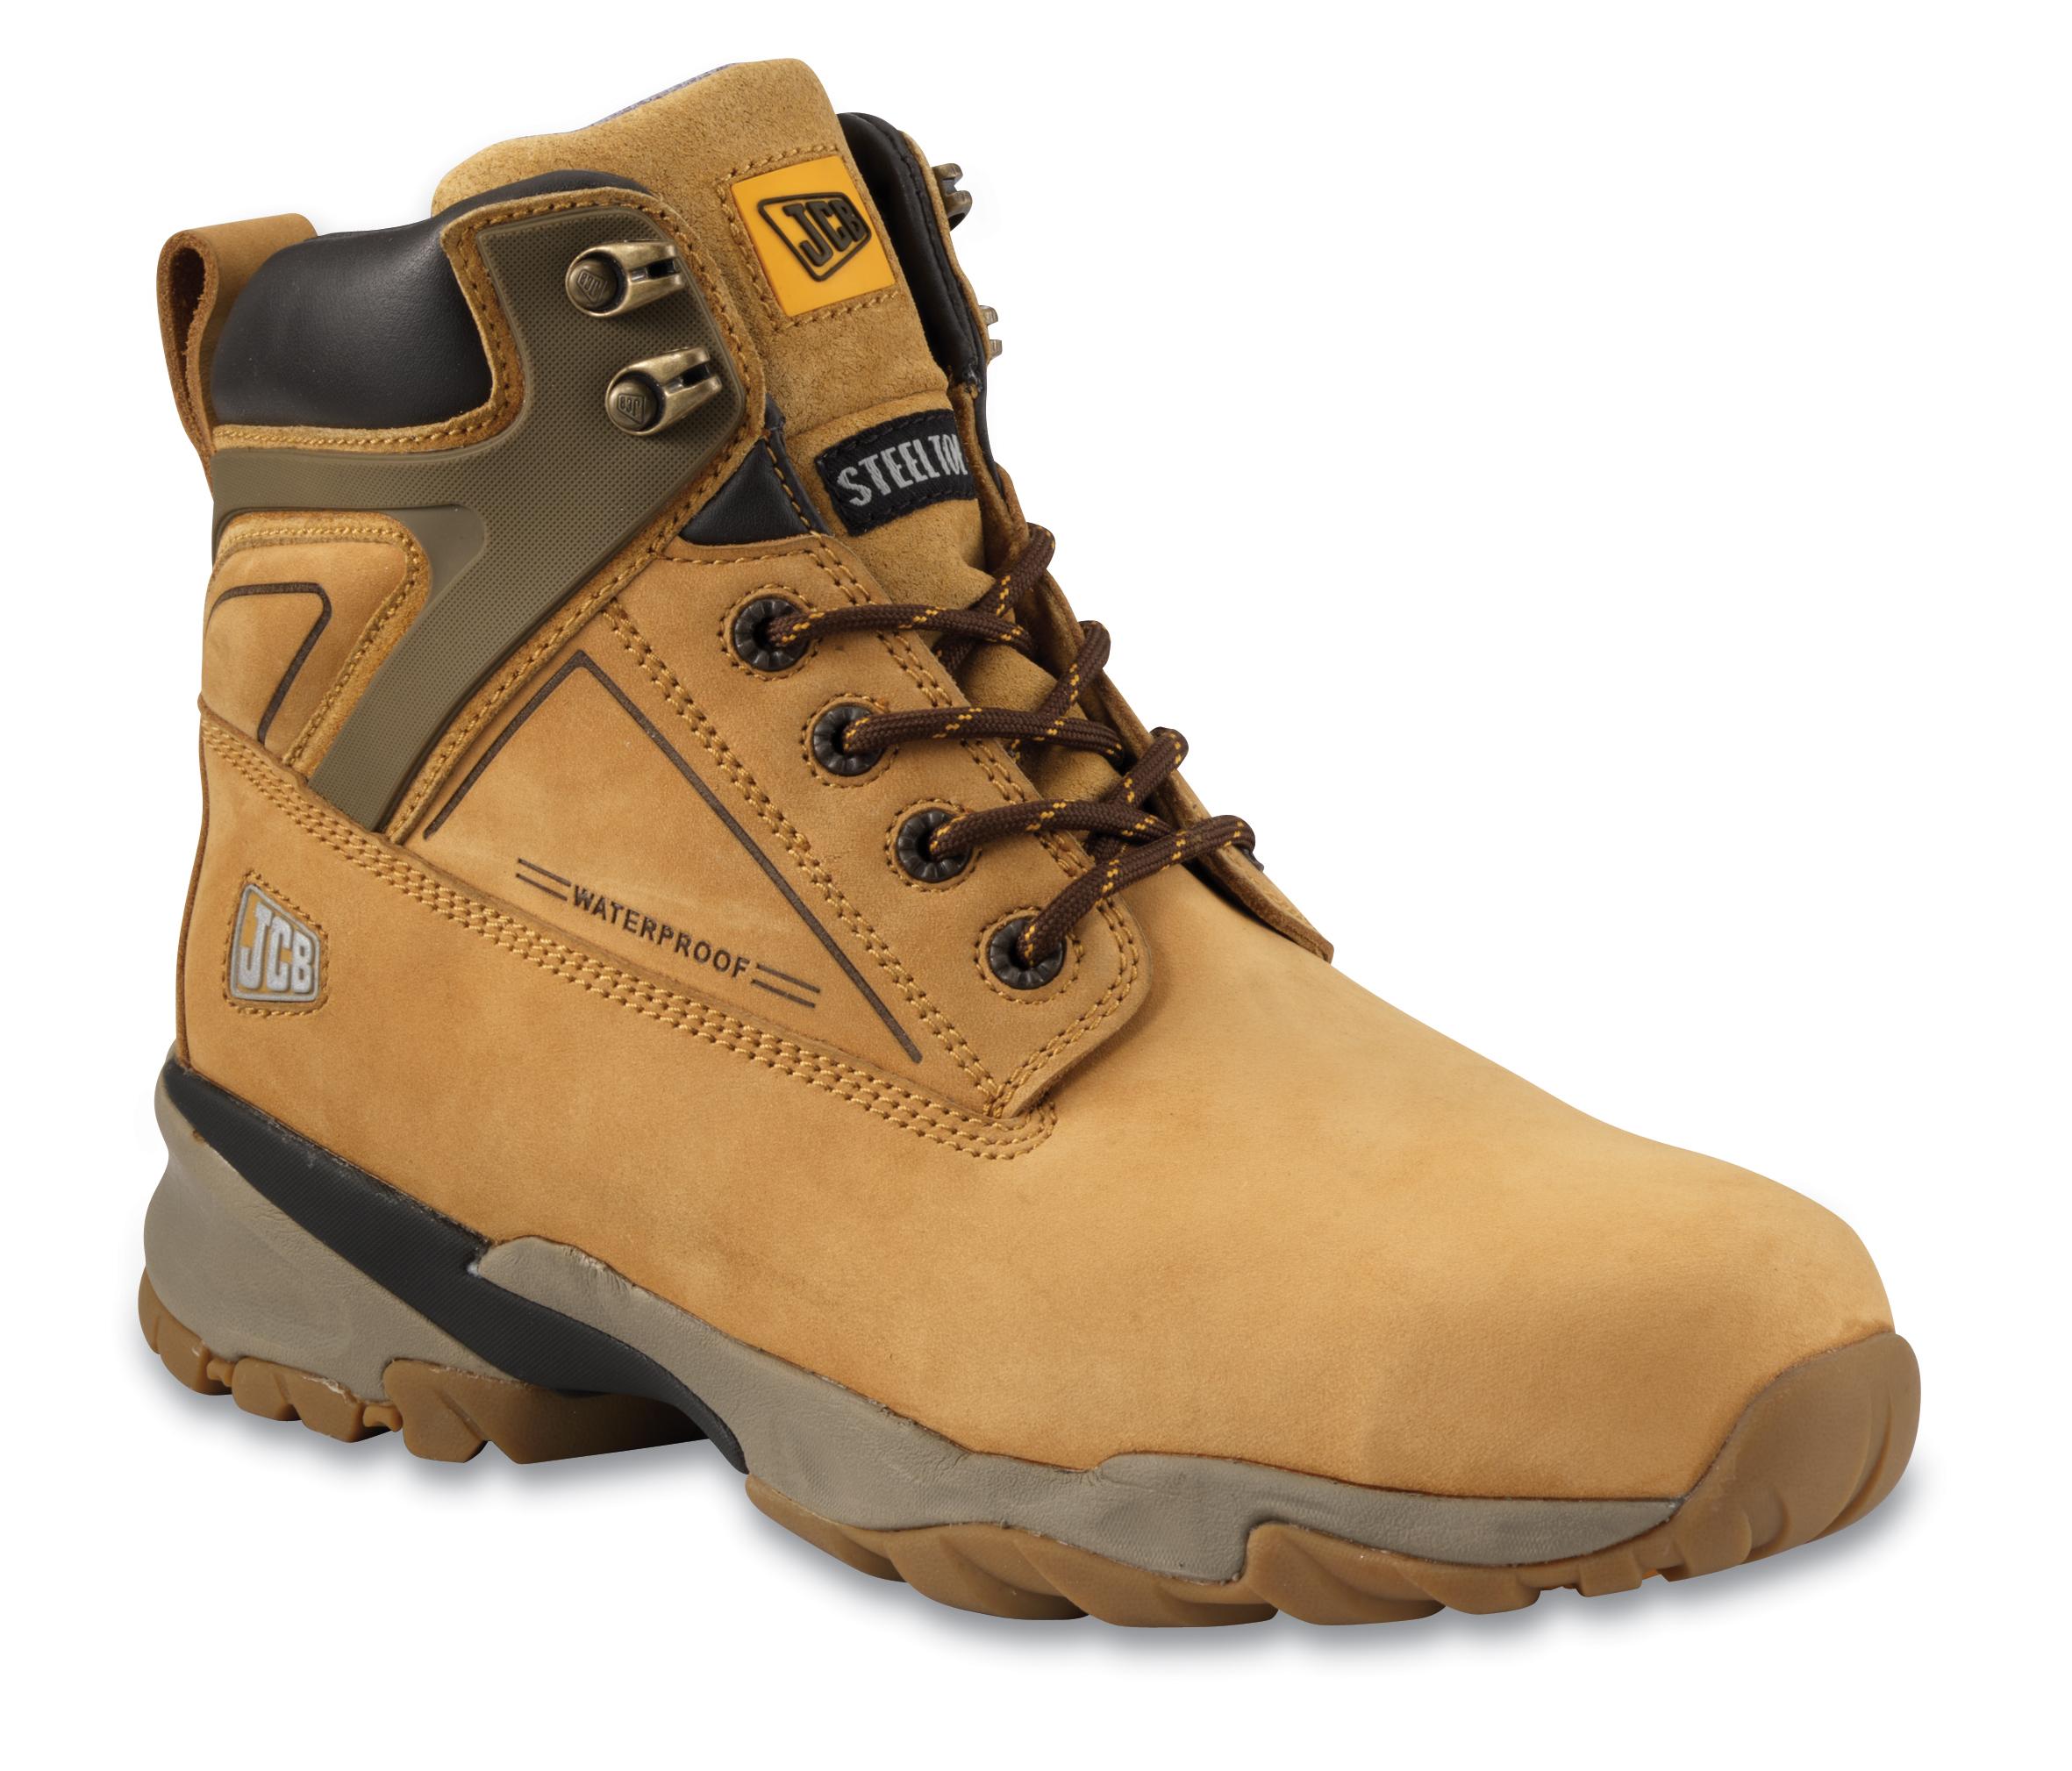 8b3f58e23eb Progressive Safety JCB Fast Track Boots